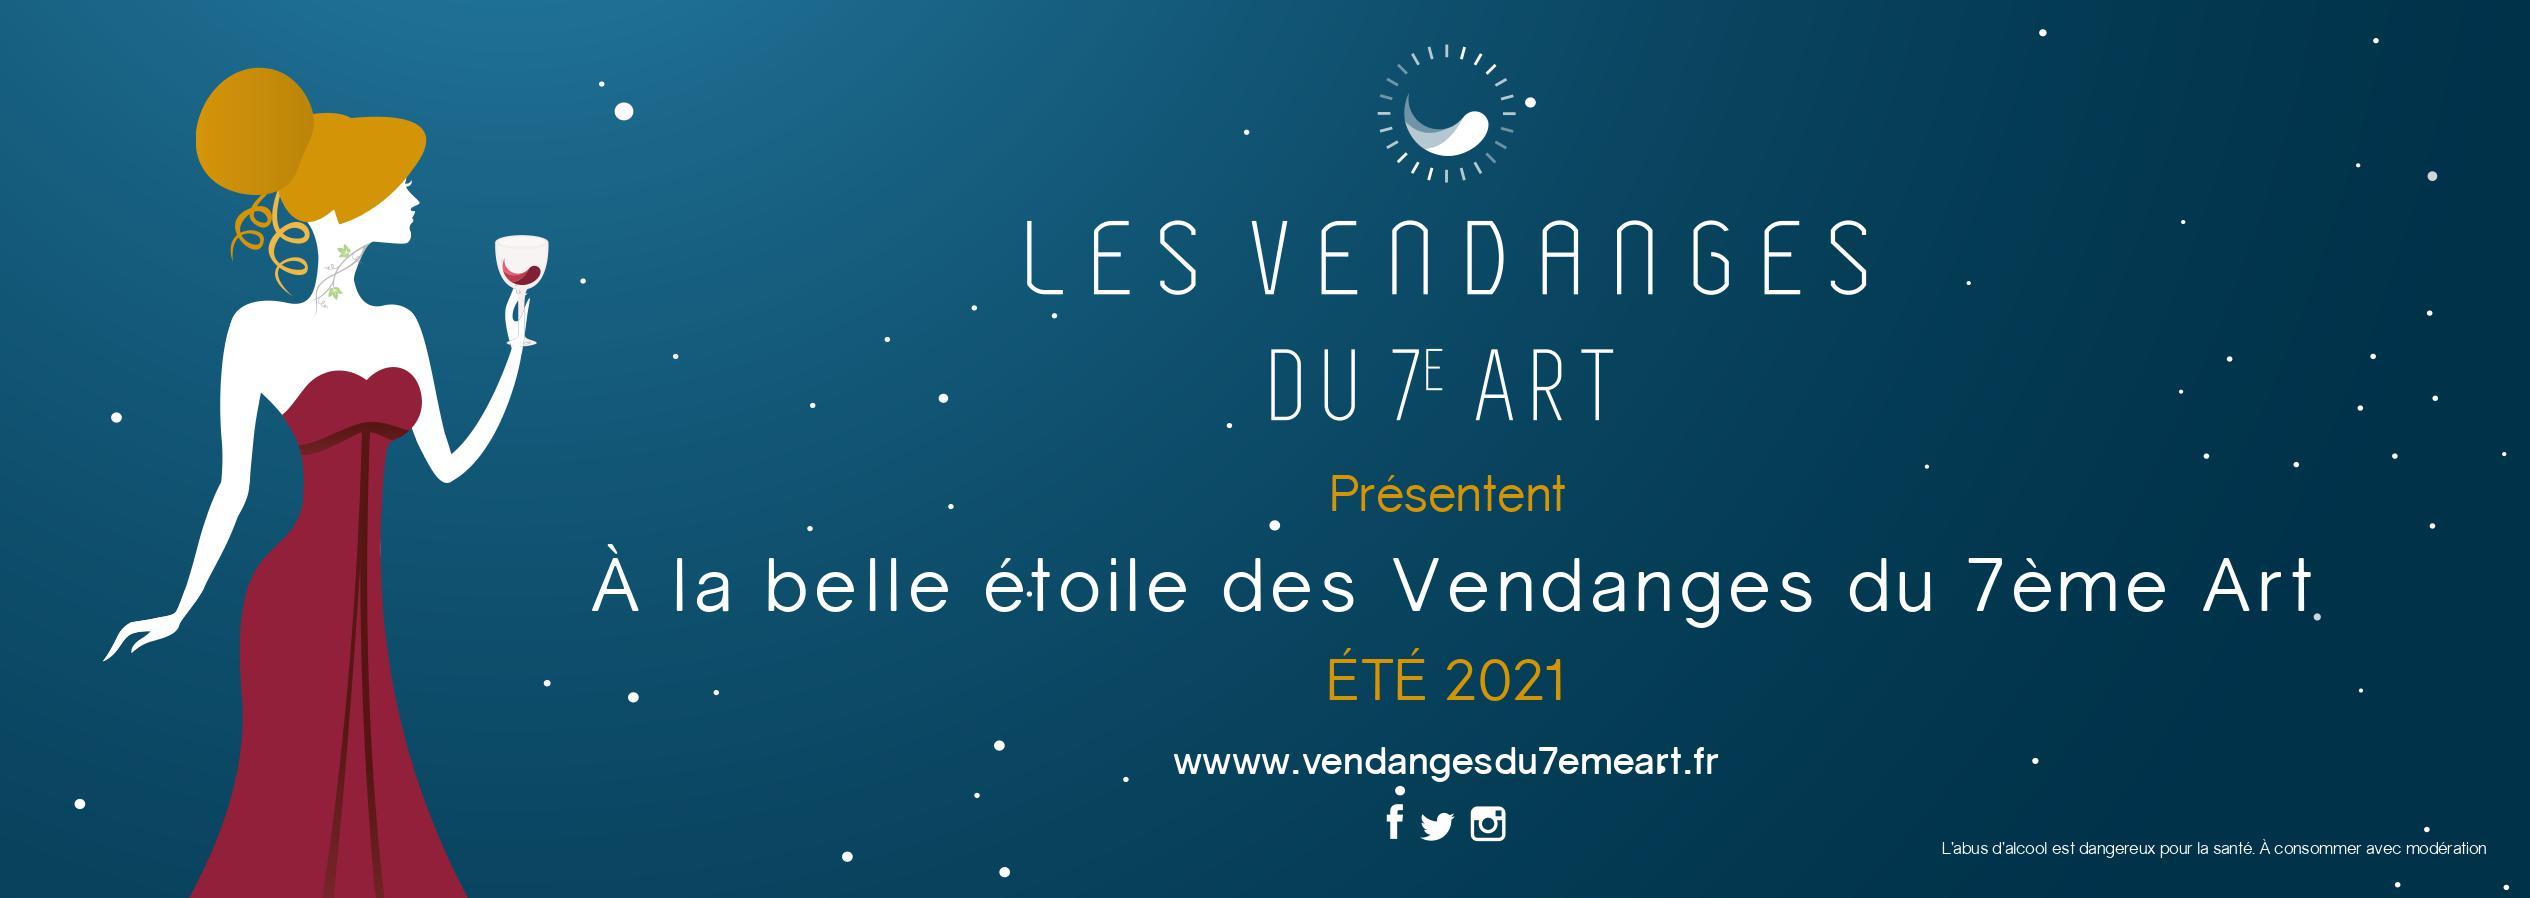 VD7A_2021